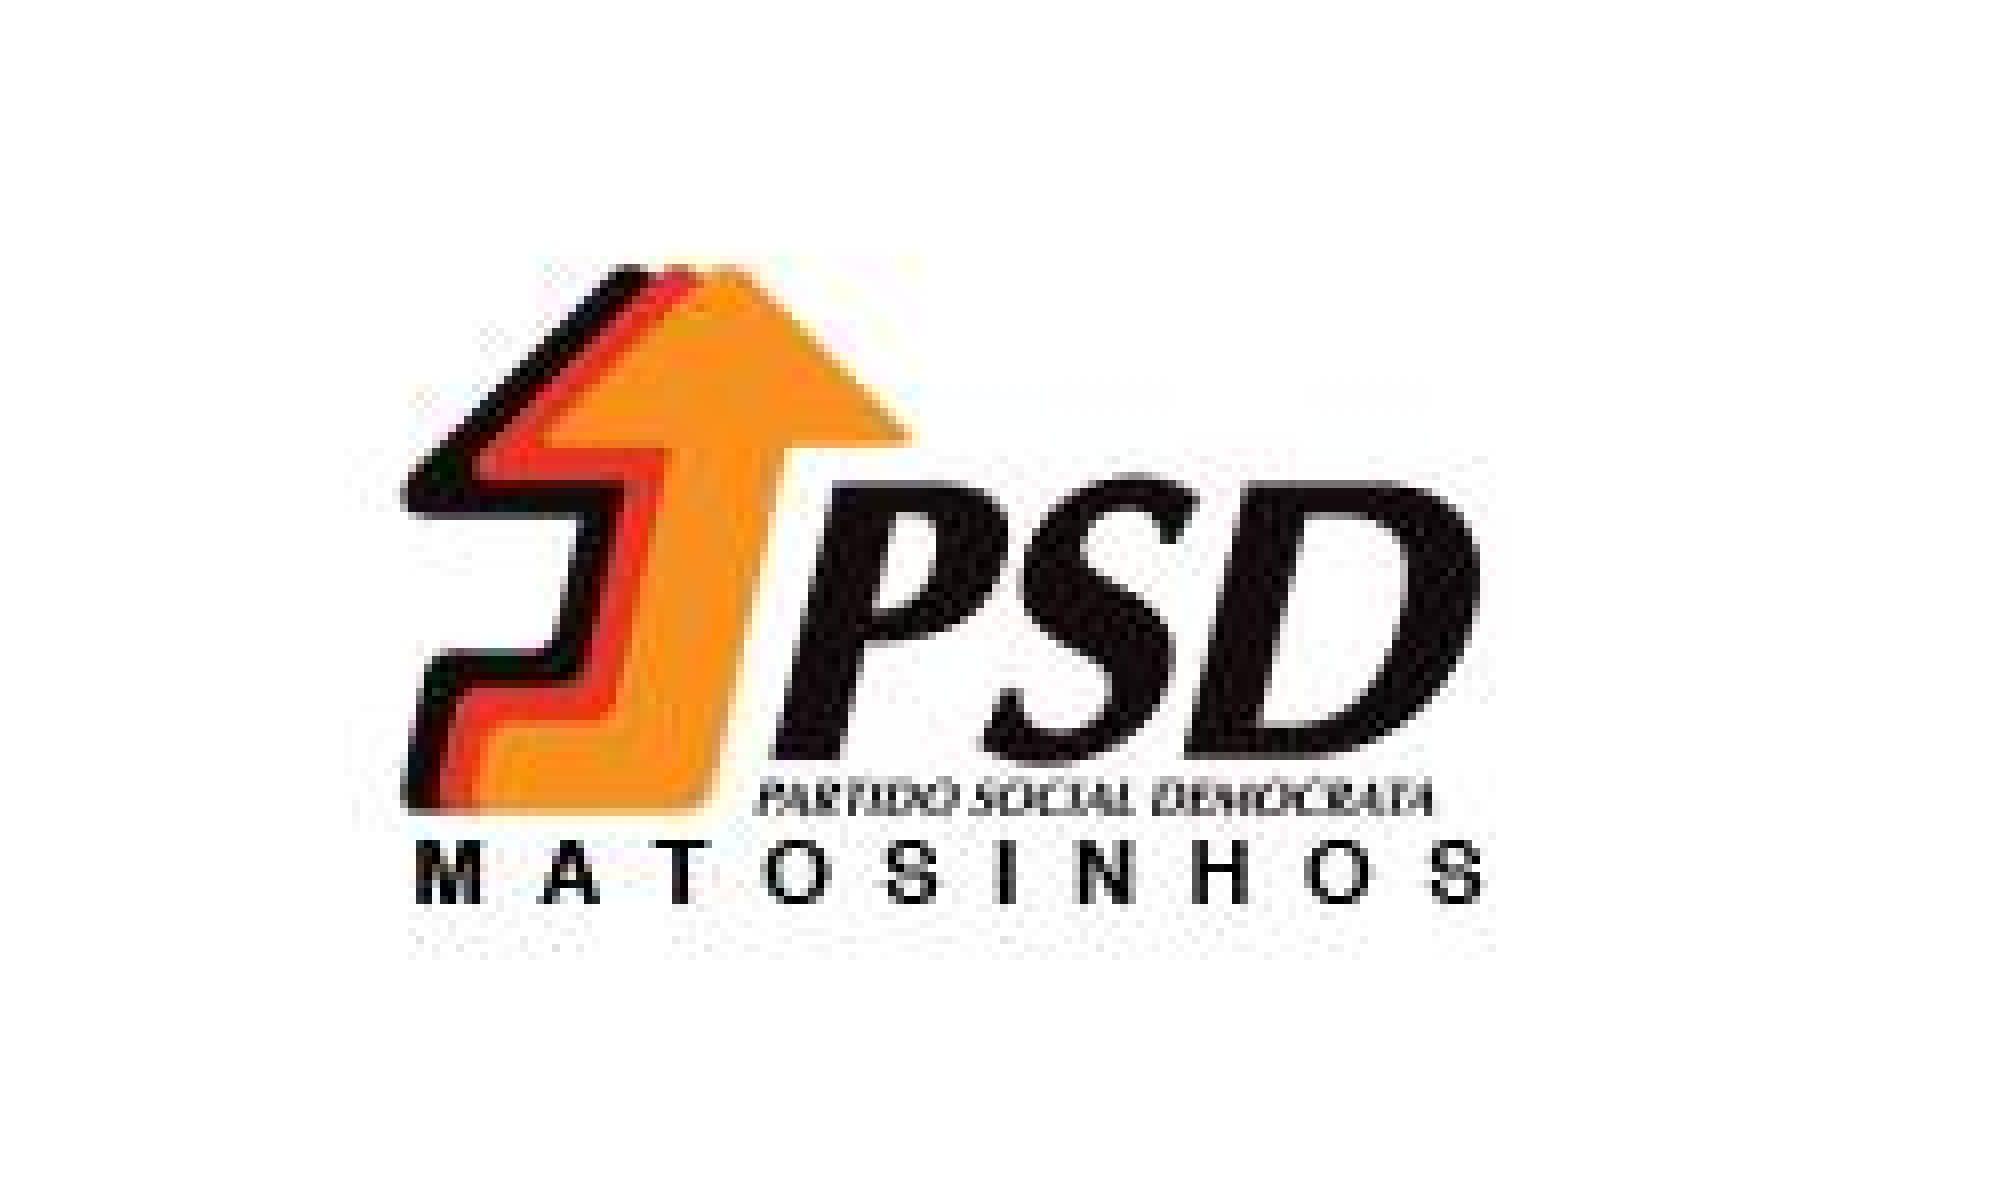 Comunicado: Voto Antecipado em Matosinhos - Má organização da Câmara Municipal